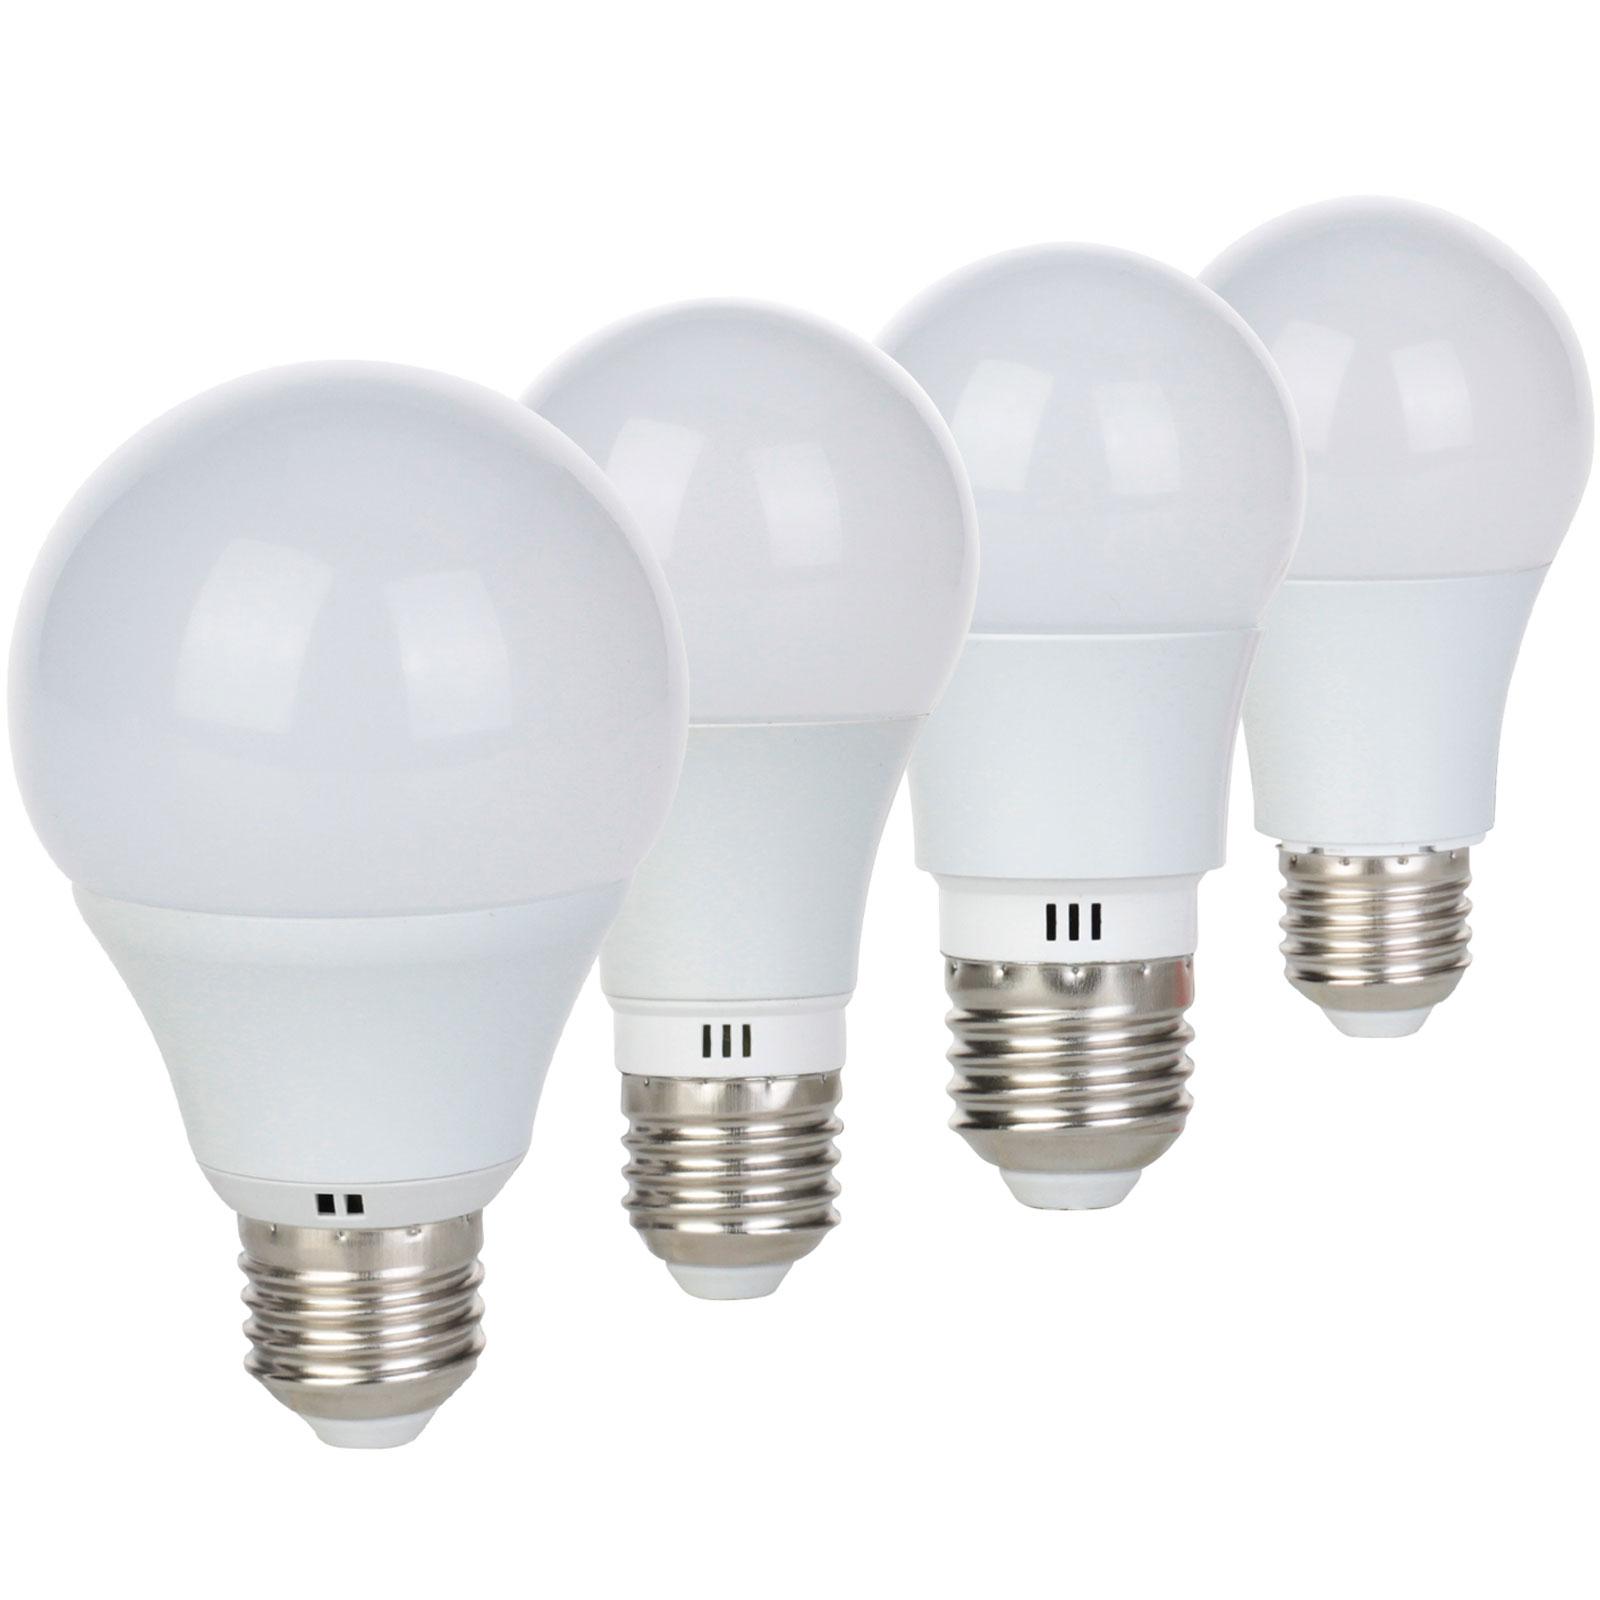 10pcs lot mr16 led spot light glass body ac dc12v 5w dimmable cob led spotlight bulb warm white cold white Dimmable E27 B22 LED Bulb Lamps 3W 5W 7W 9W Lampada LED Light Bulb AC 220V-240V Bombilla Spotlight Cold/Warm White